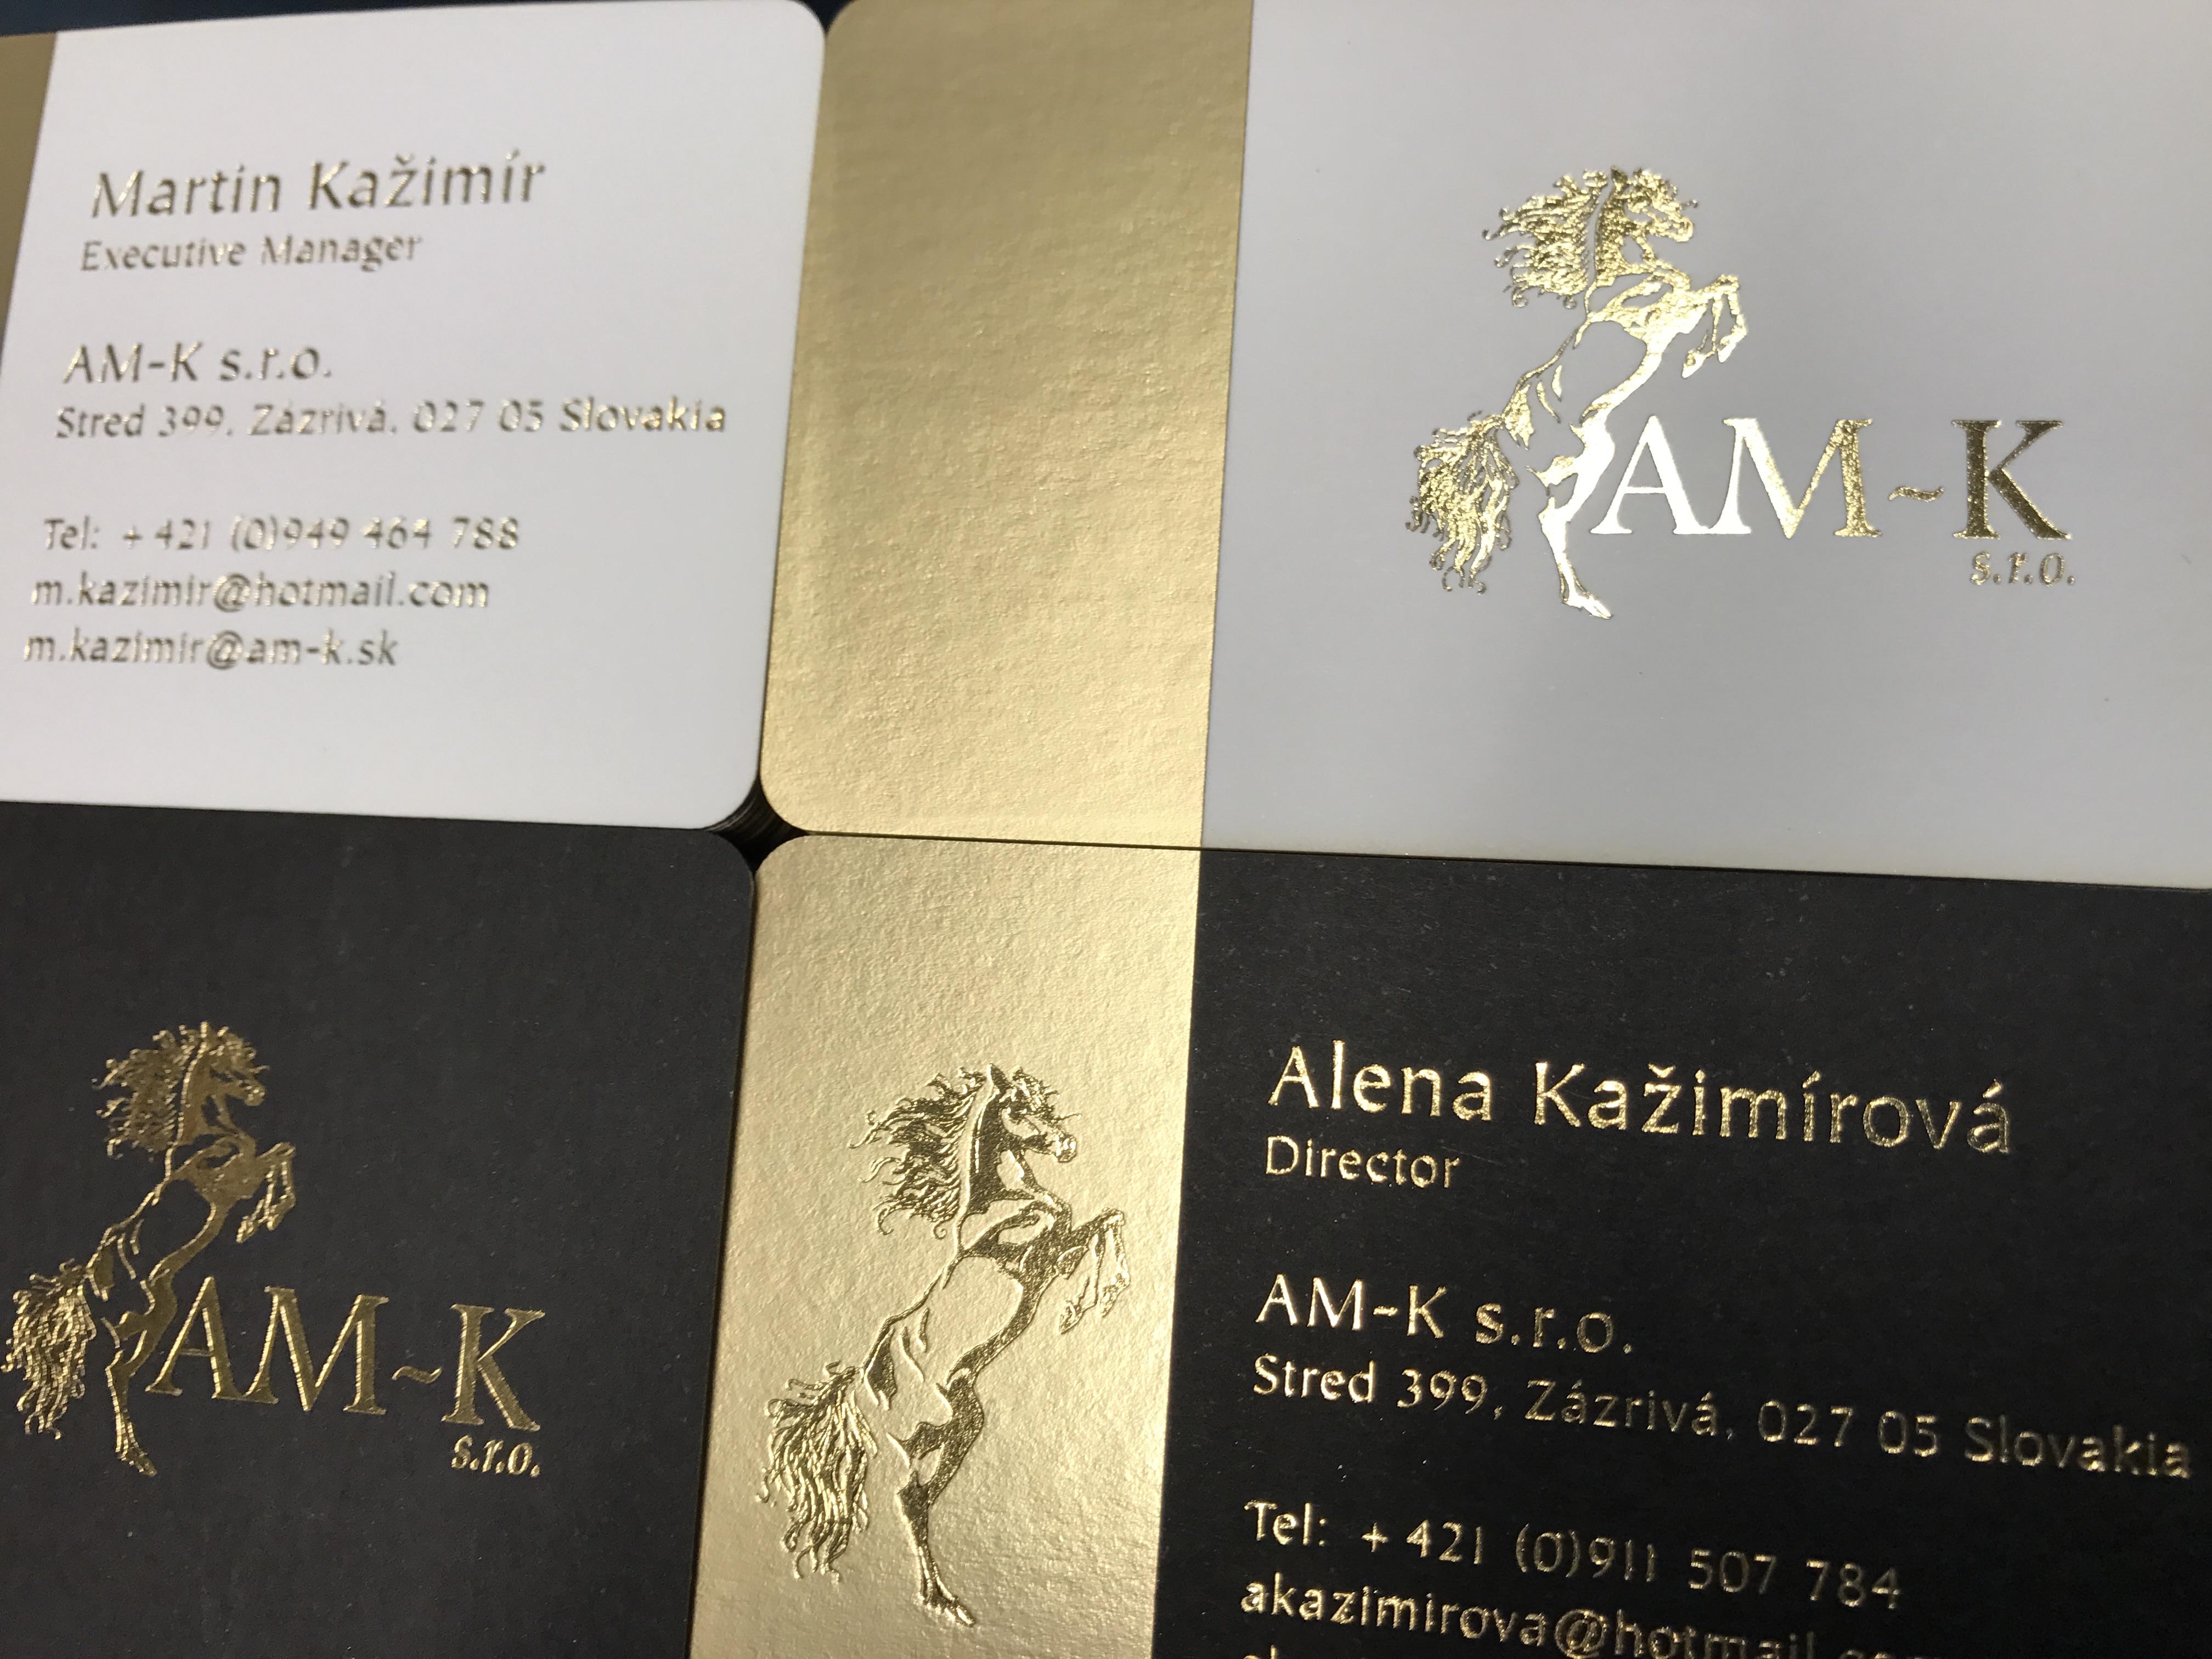 Gold Foil on Satin Gold Foil Business Cards